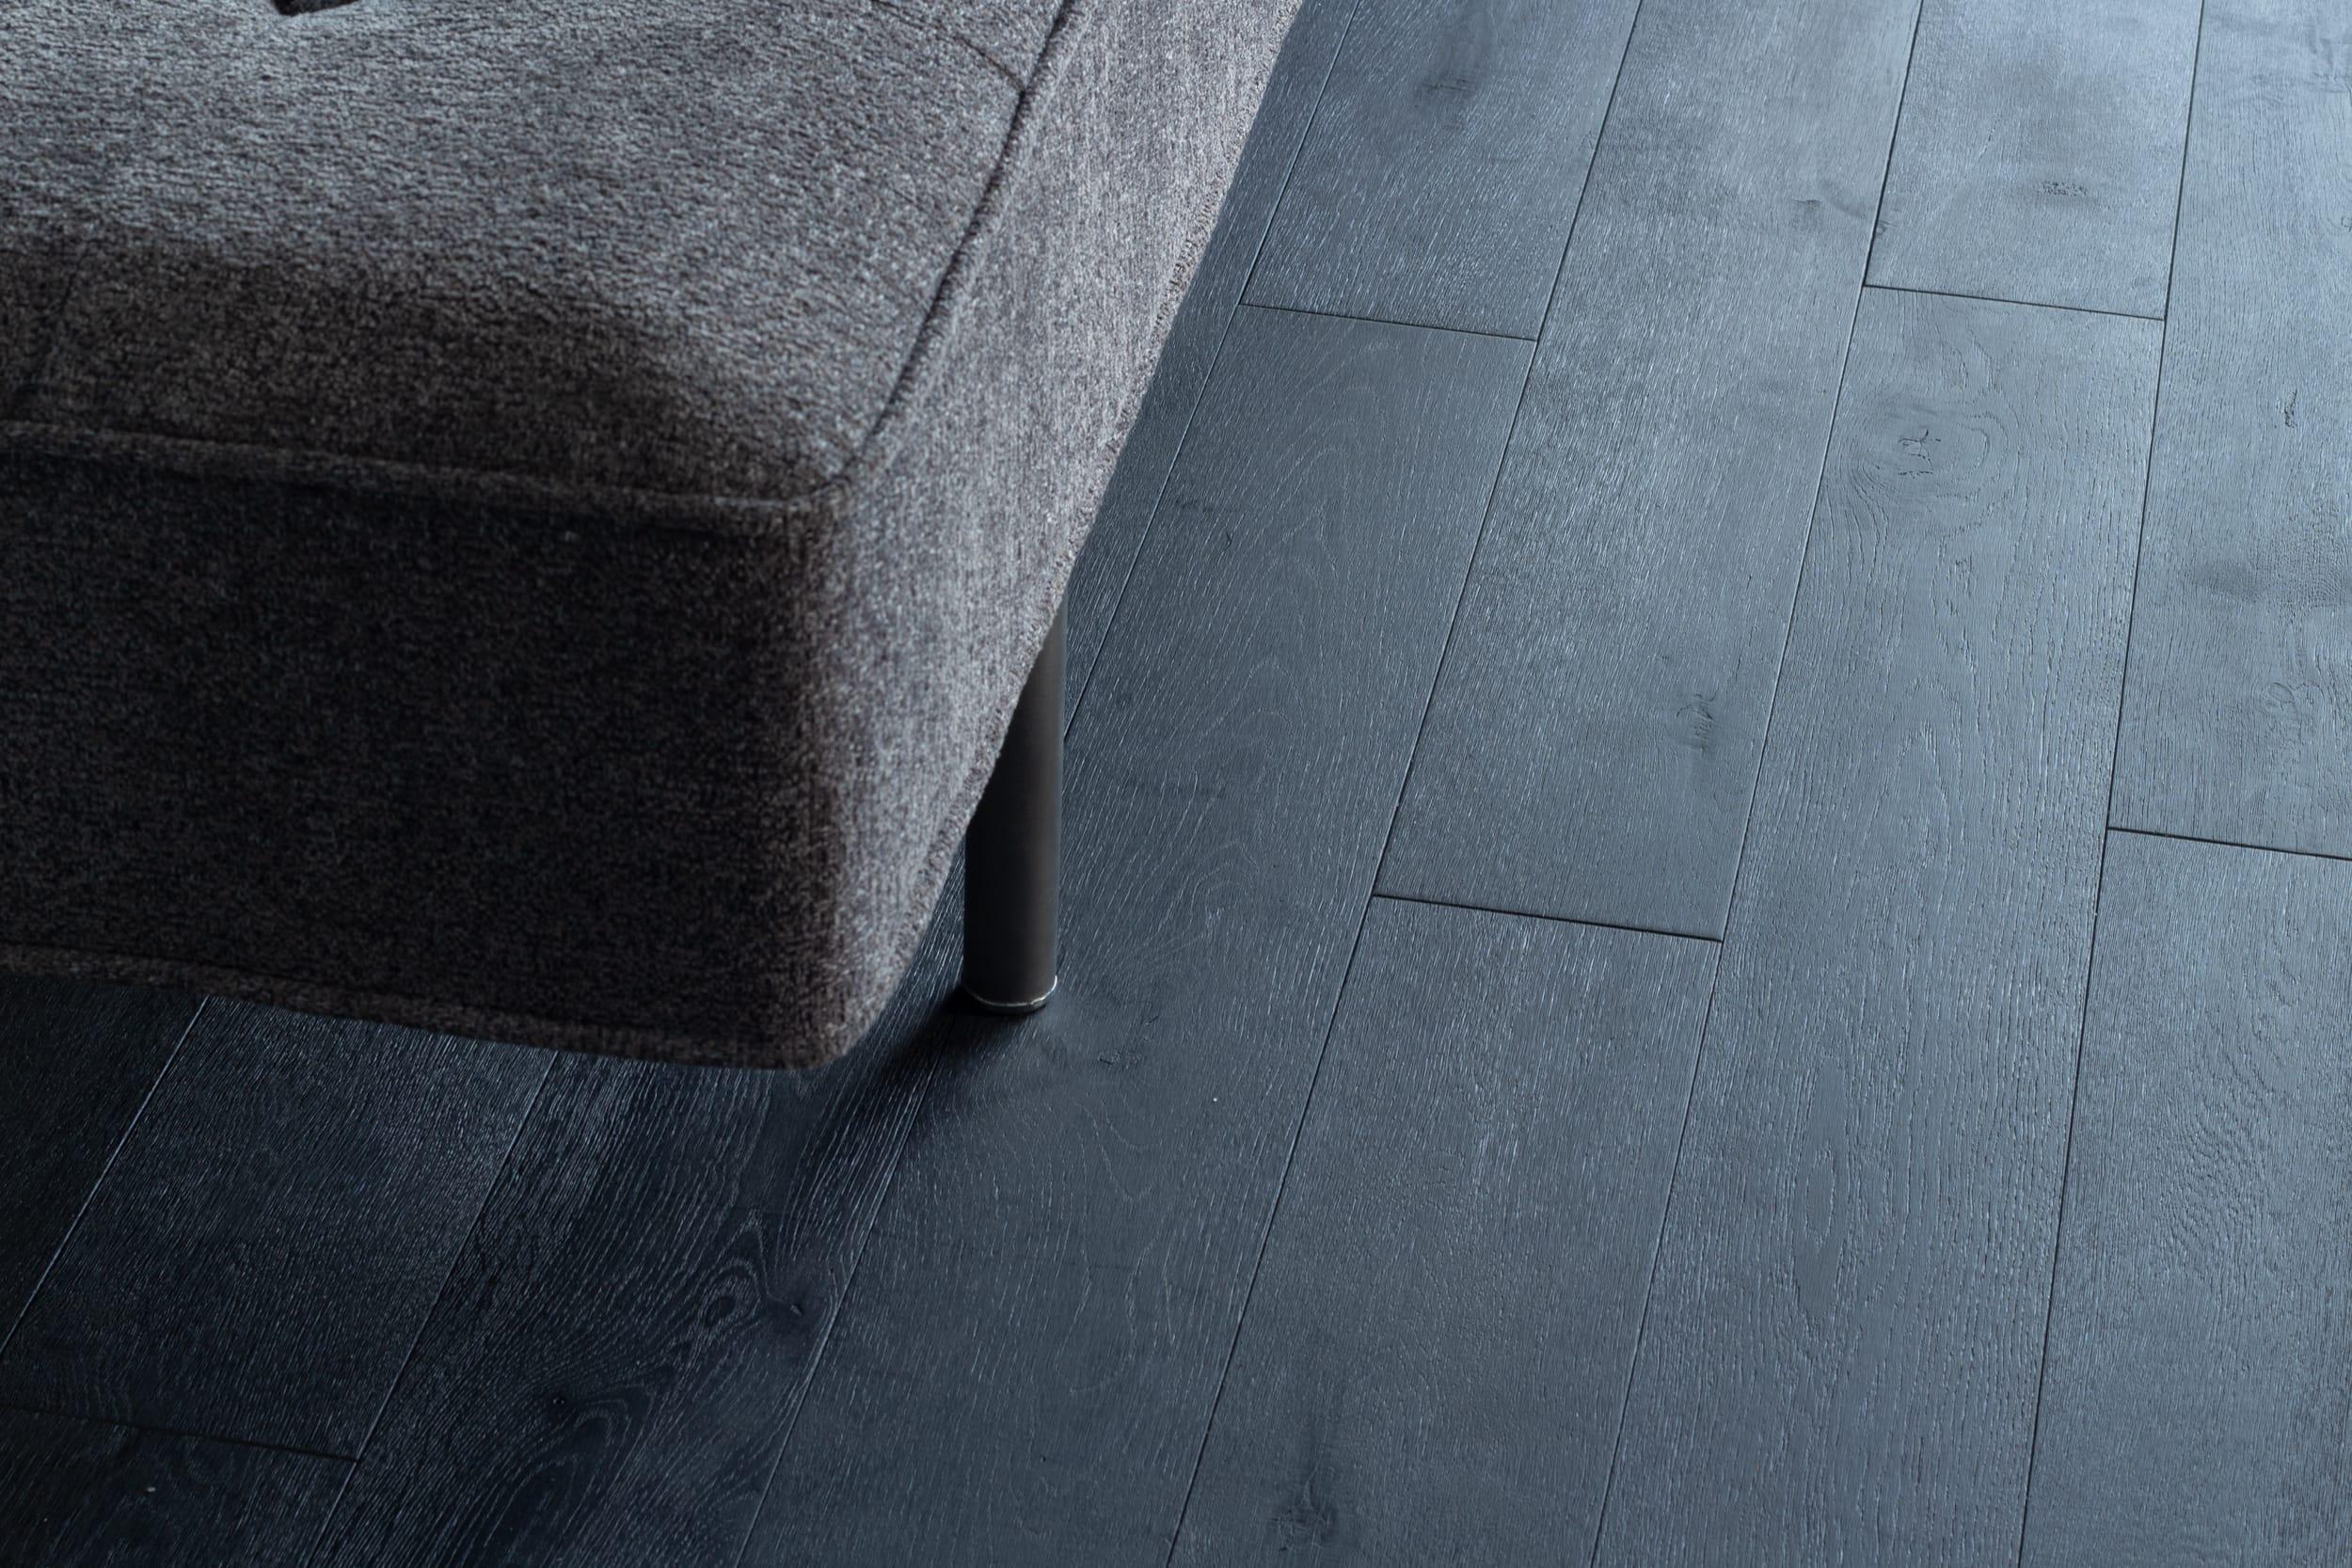 代々木コンド / 重くなりすぎず、けれど落ち着いた印象の床